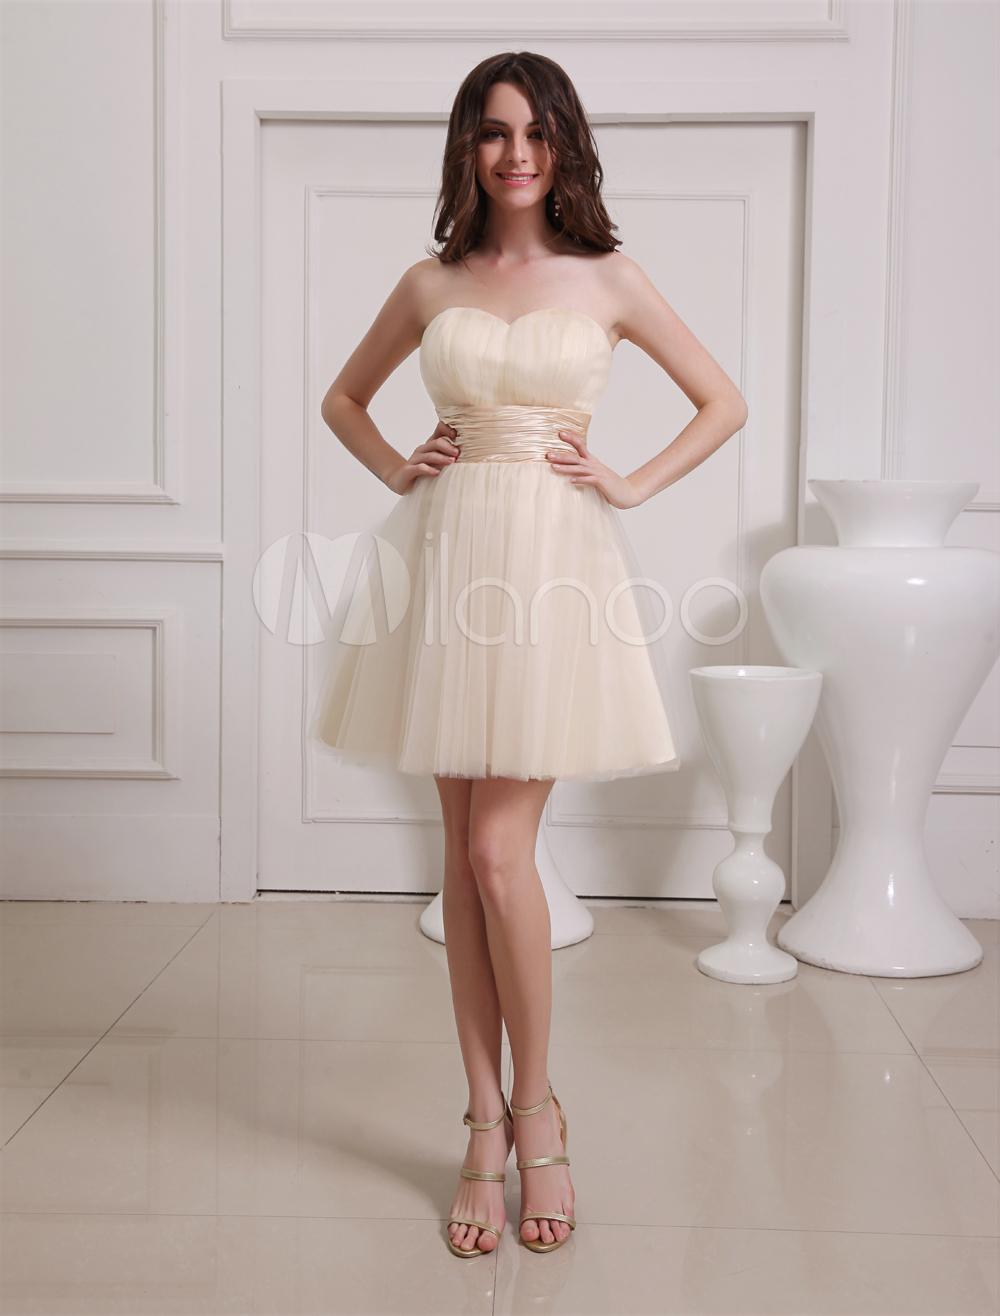 86137b8db Vestido de damas de honor de tul de color champaña con escote de corazón de estilo  dulce - Milanoo.com